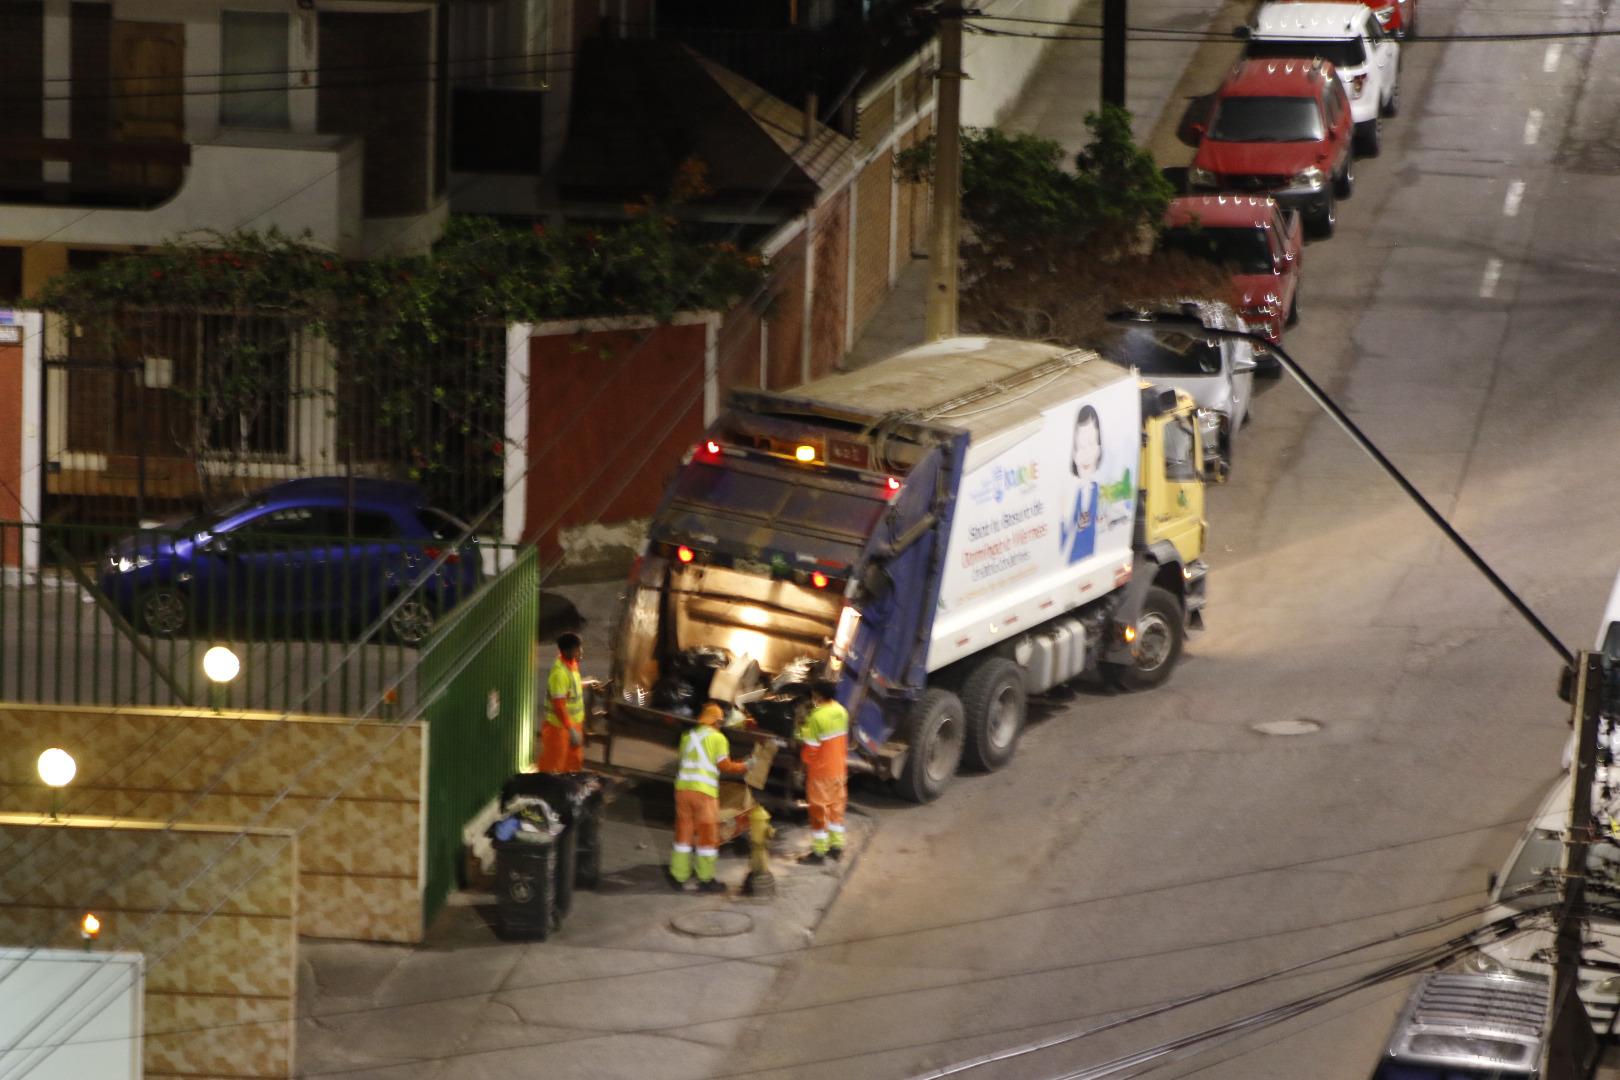 ¡¡Atención Iquique!!: Este 24 y 31 de diciembre no habrá servicio de extracción de basura domiciliaria